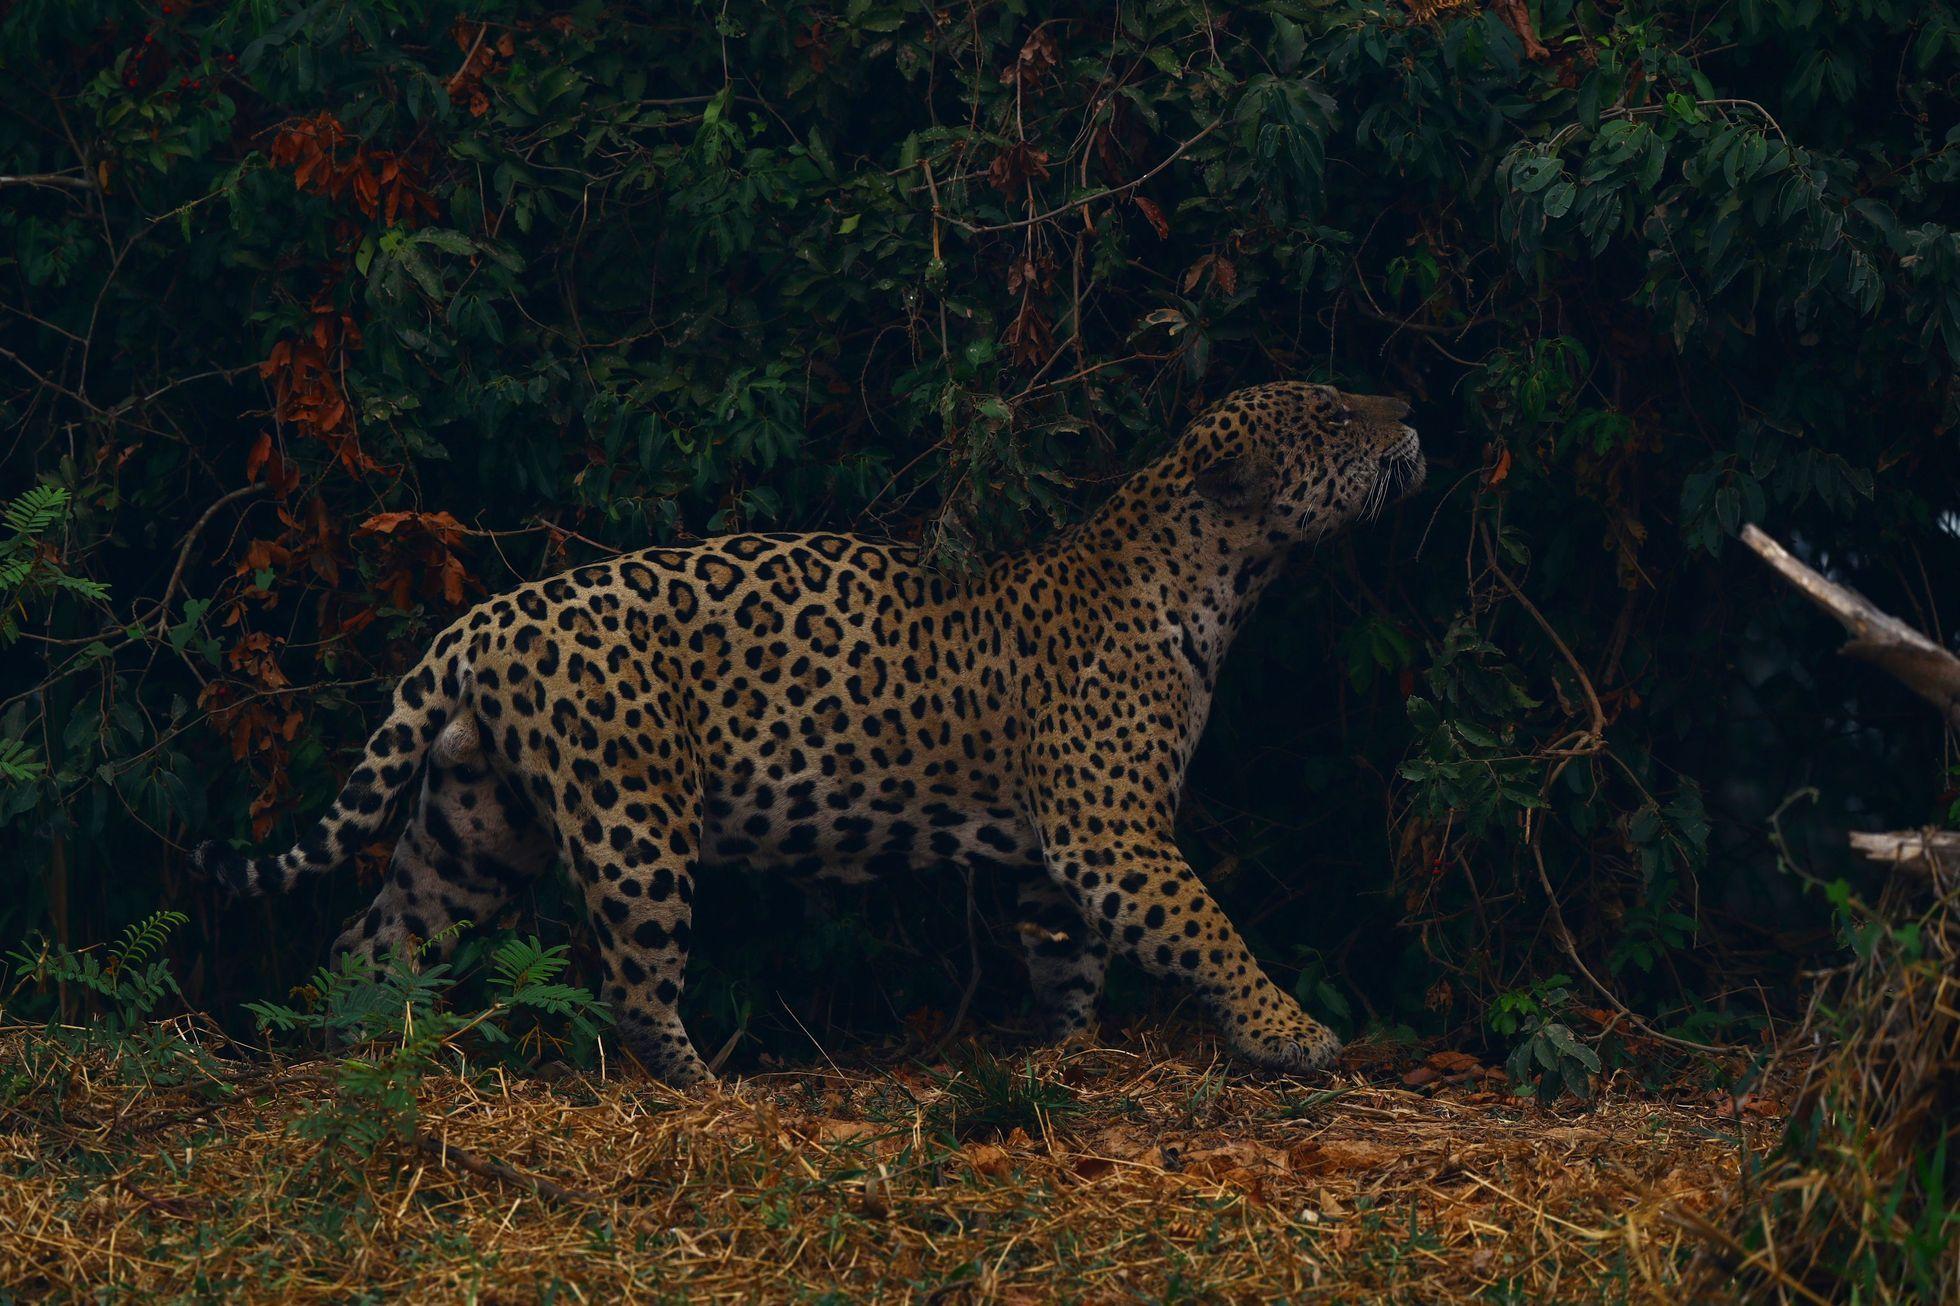 Žije tu jedna z nejpočetnějších populací jaguárů amerických. Zvířata ale kvůli požárům trpí dýchacími problémy, hladem a vysokými teplotami.